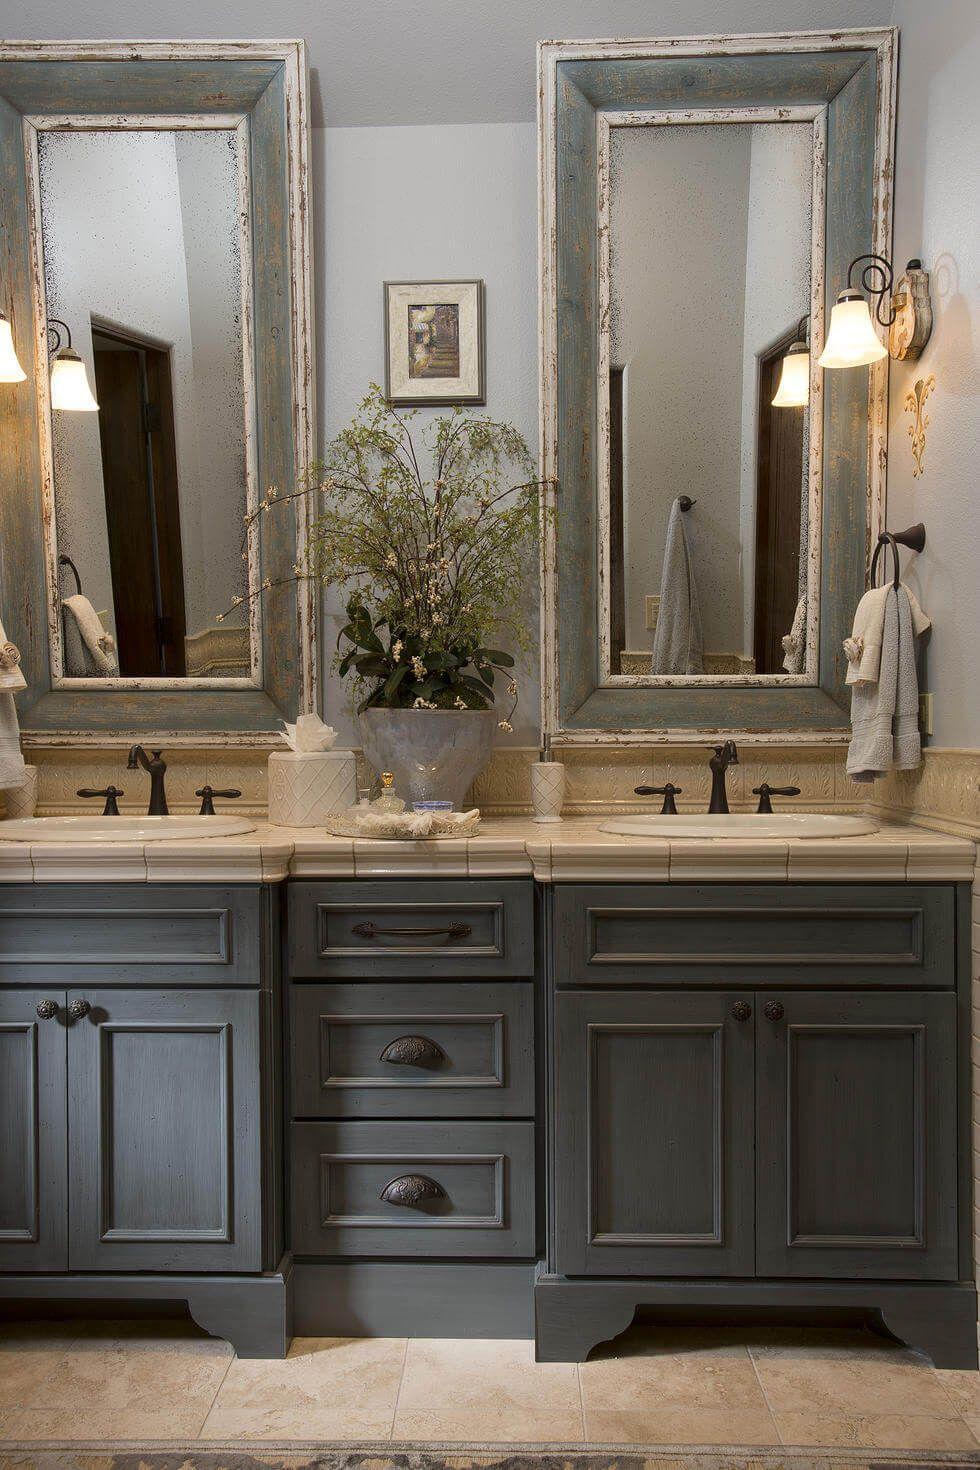 Fliesen ideen um badezimmer eitelkeit  rustikal bis ultramoderne badezimmerideen für ihre nächste